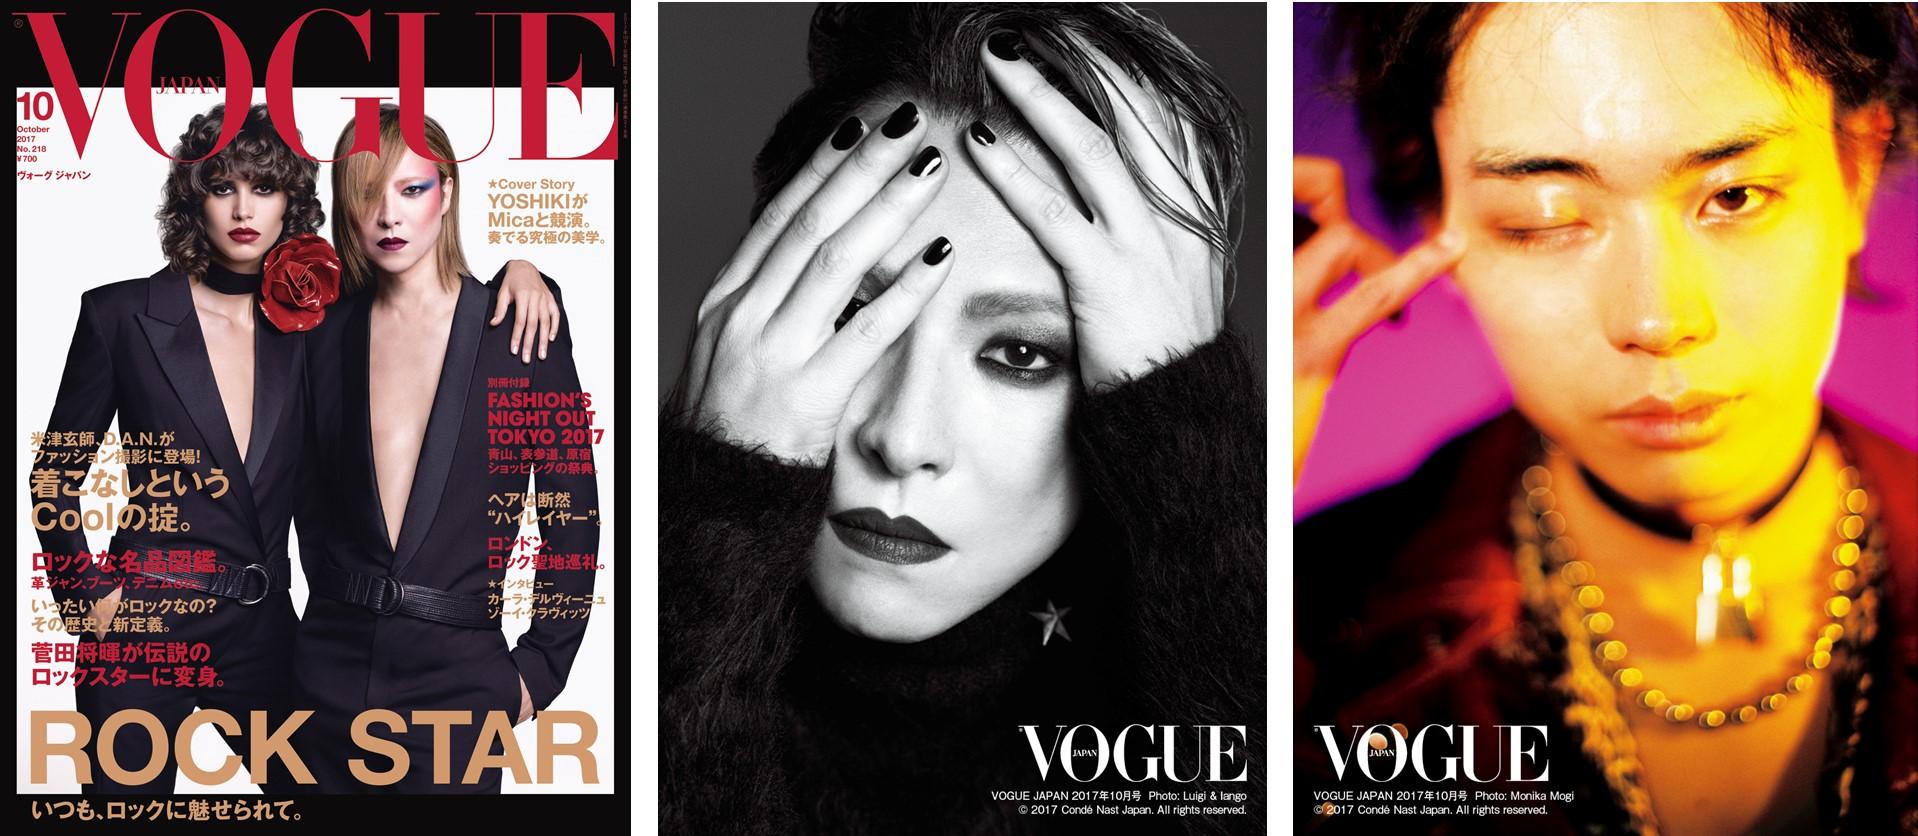 YOSHIKIが表紙を飾る『VOGUE JAPAN』 菅田将暉がシド・ヴィシャスなど伝説のロックスターに変身